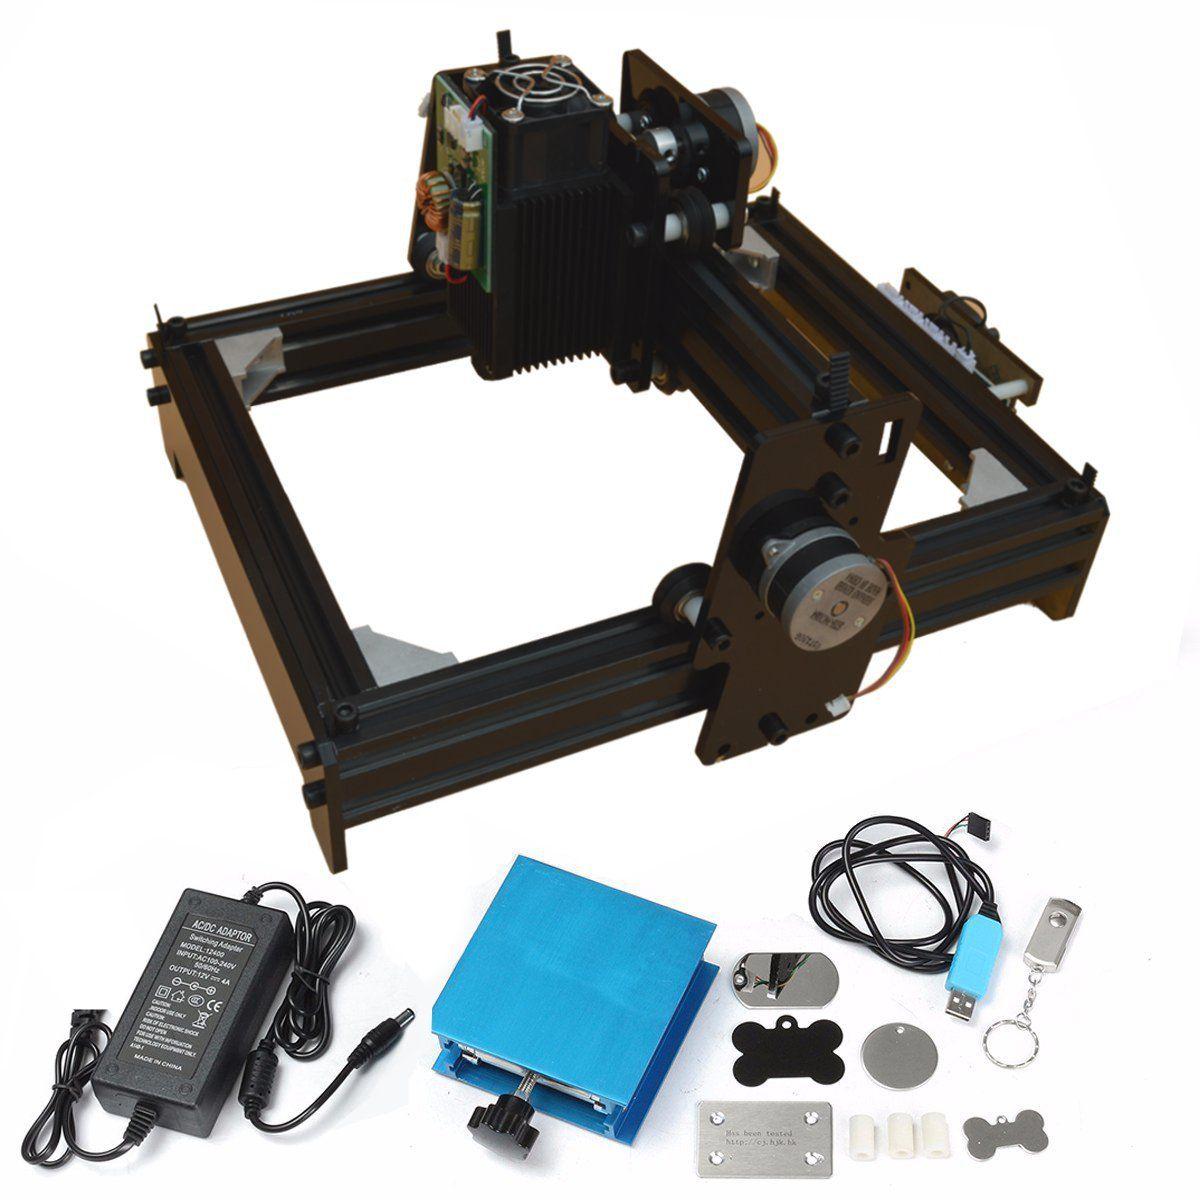 15 watt CNC Crouter CNC Laser cutter DIY Mini CNC Laser Gravur Maschine Holz Router Metall Kennzeichnung Gravur 2018 Beste erweiterte Spielzeug